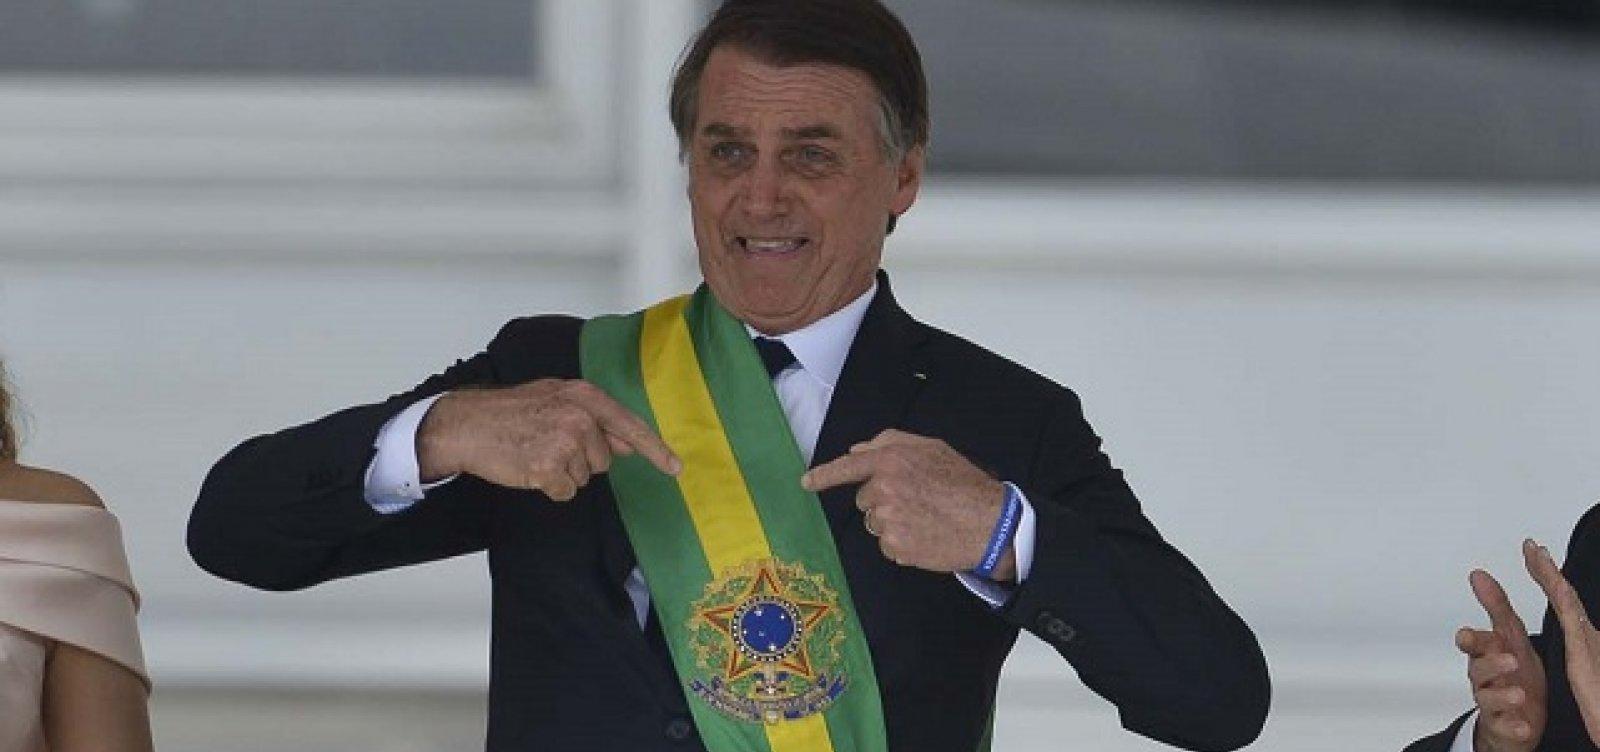 [Bolsonaro é aconselhado por interlocutores a evitar temas econômicos em suas falas]